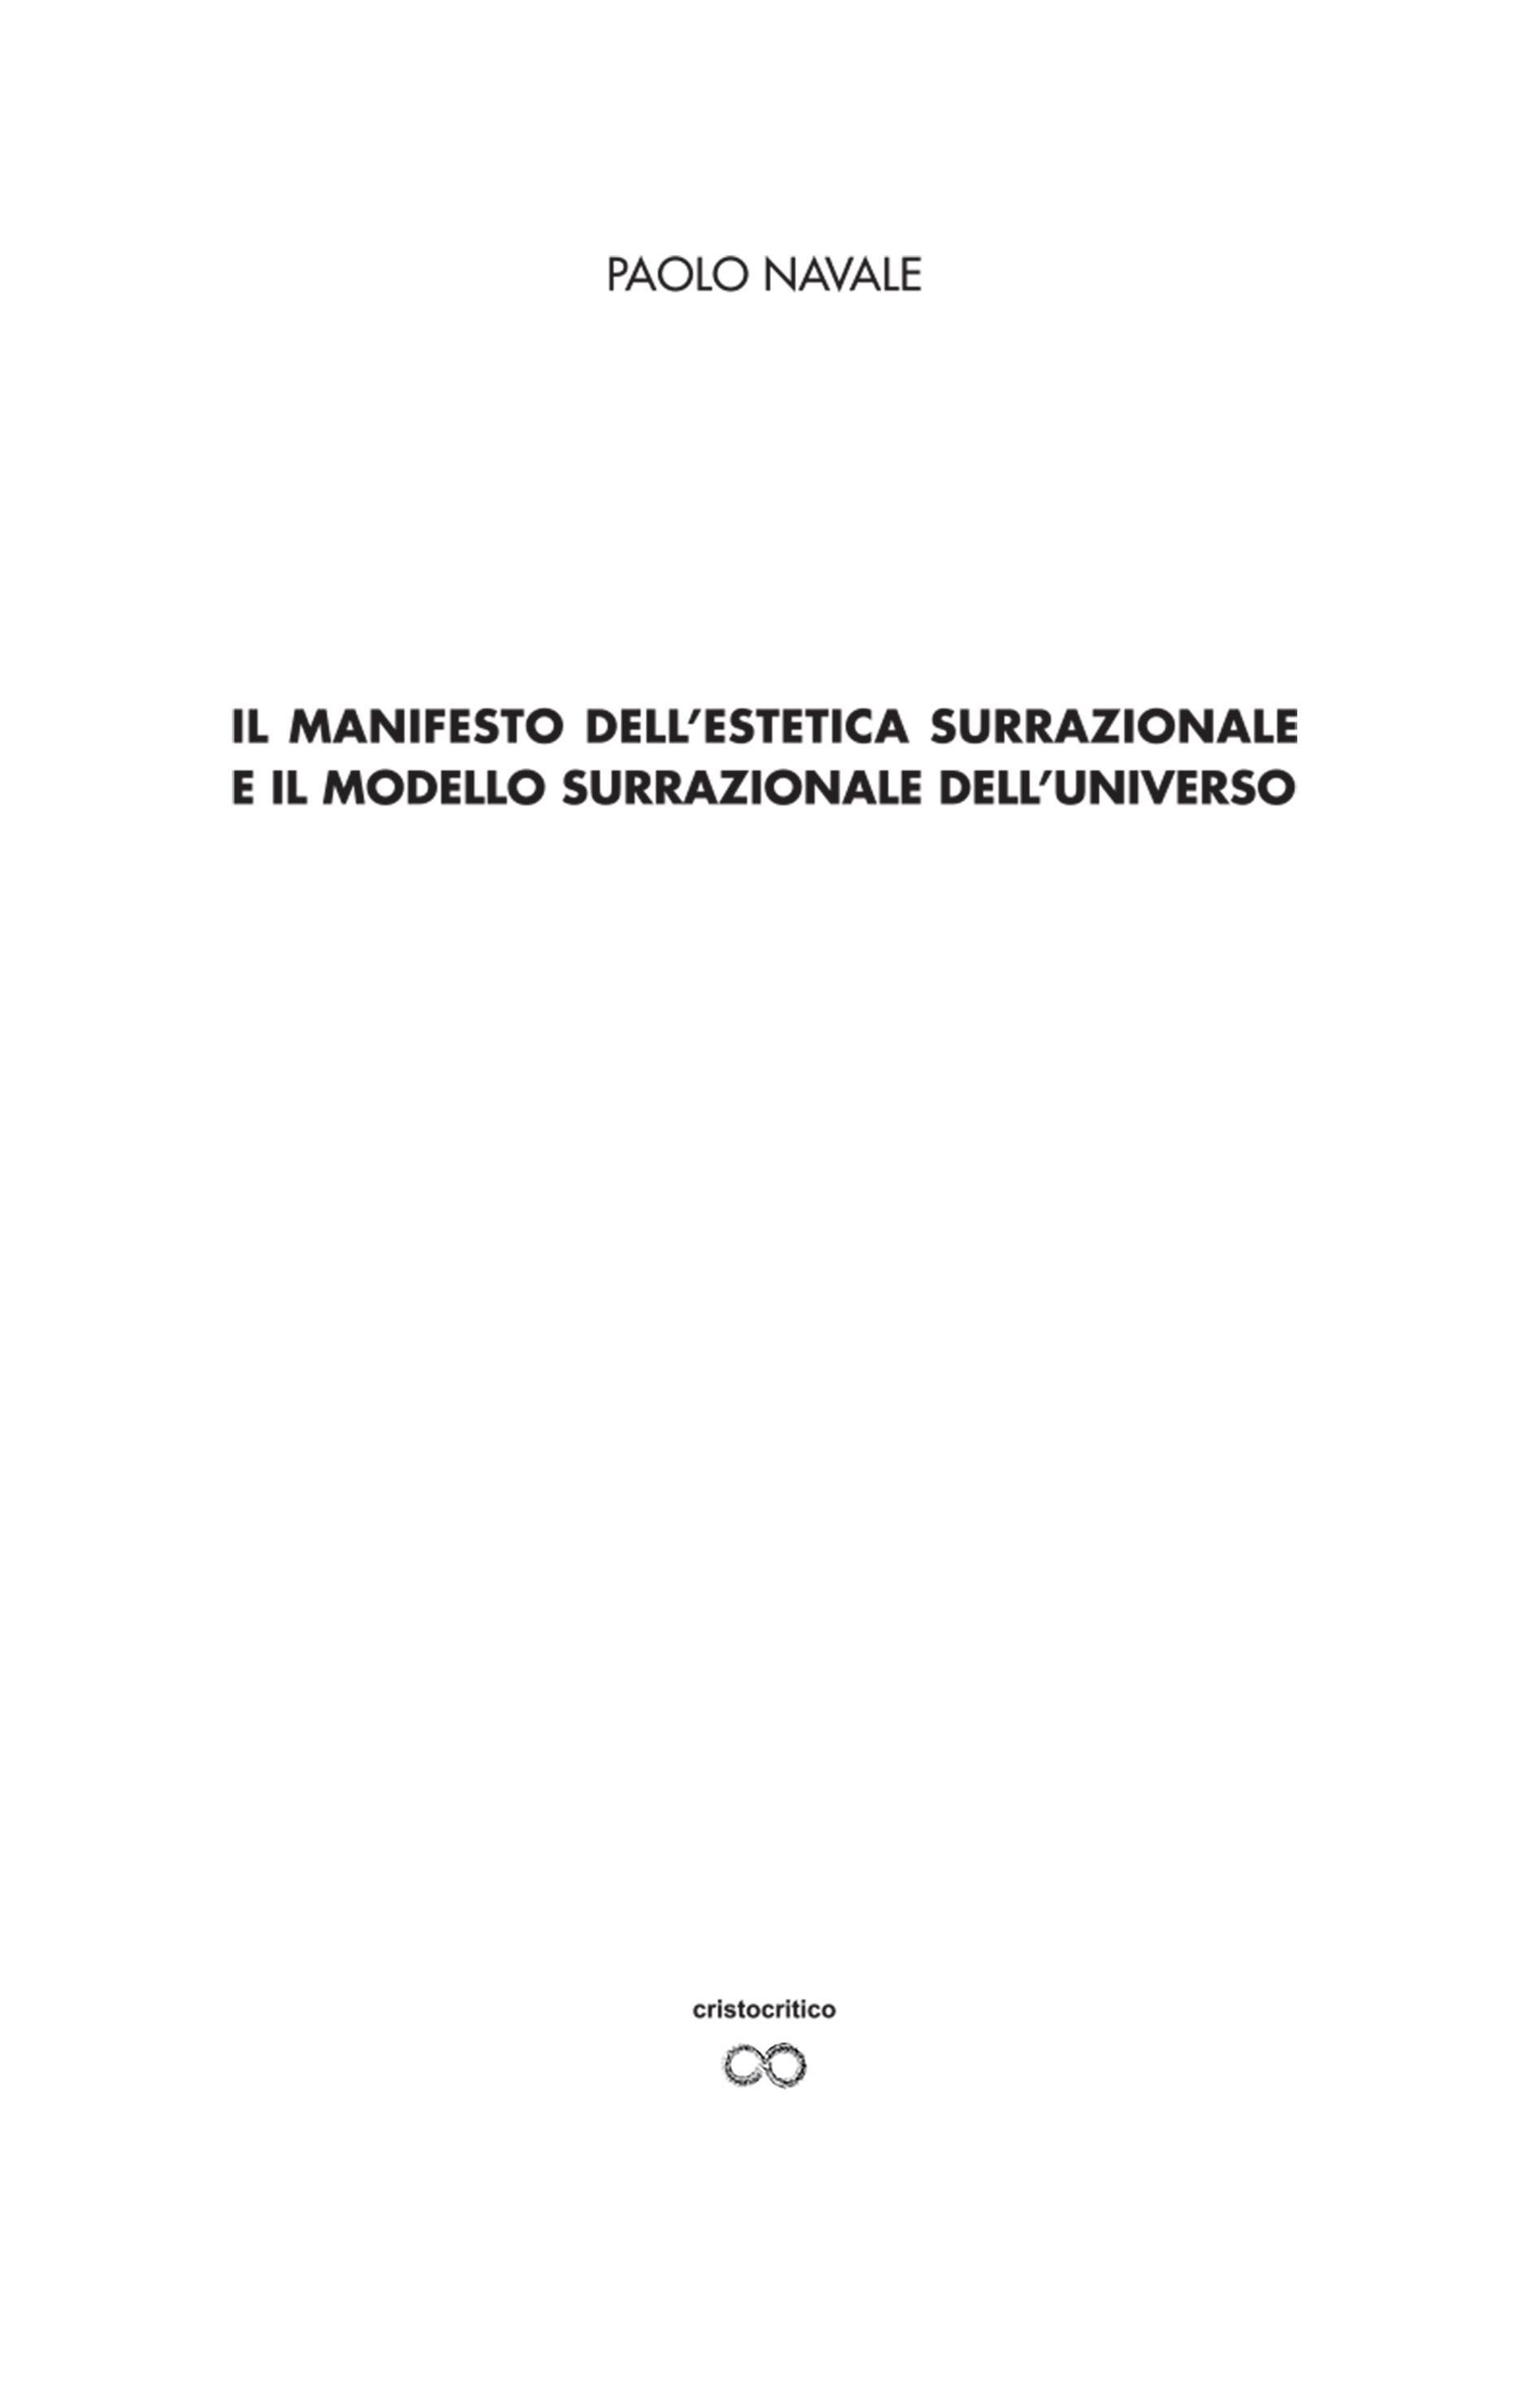 Il manifesto della estetica surrazionale e il modello surrazionale dell'universo